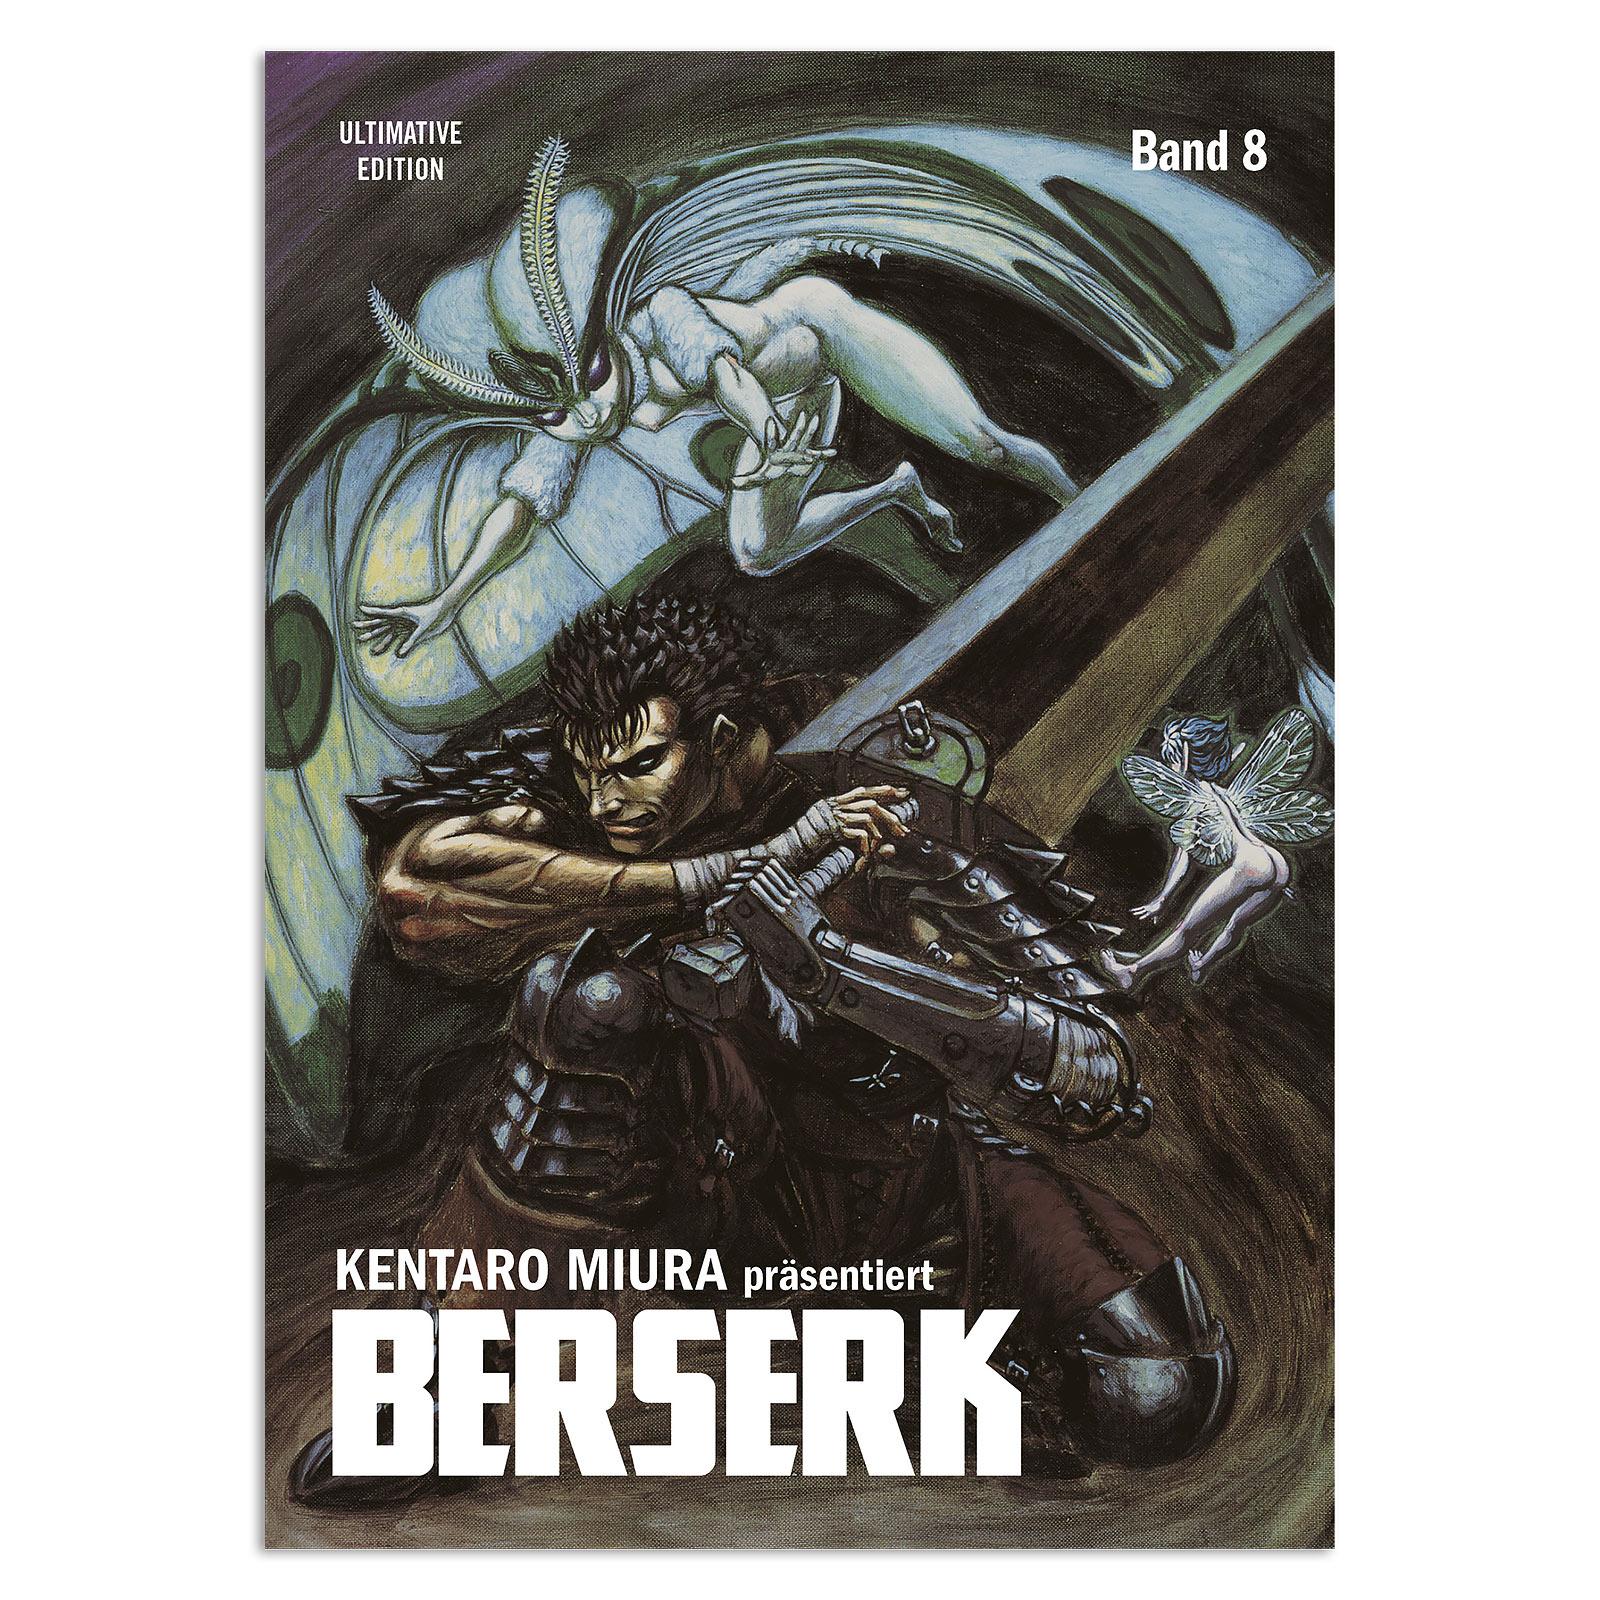 Berserk - Band 8 Taschenbuch Ultimate Edition